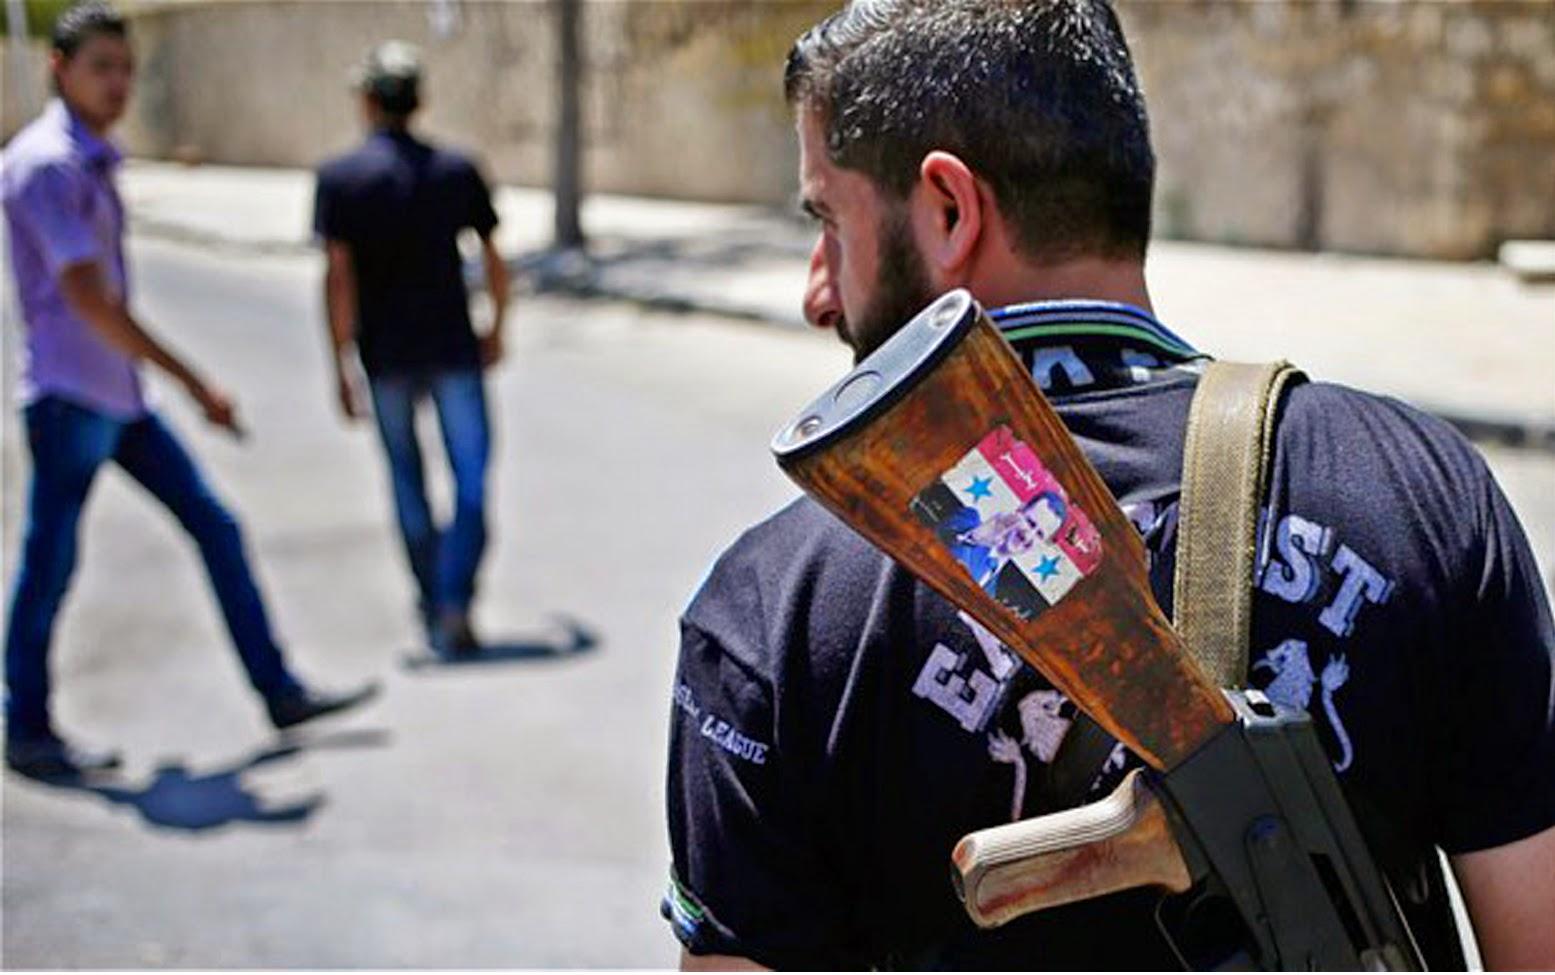 صورة بسبب إدلب..مخابرات الأسد تعتقل قيادي كبير موالي لها